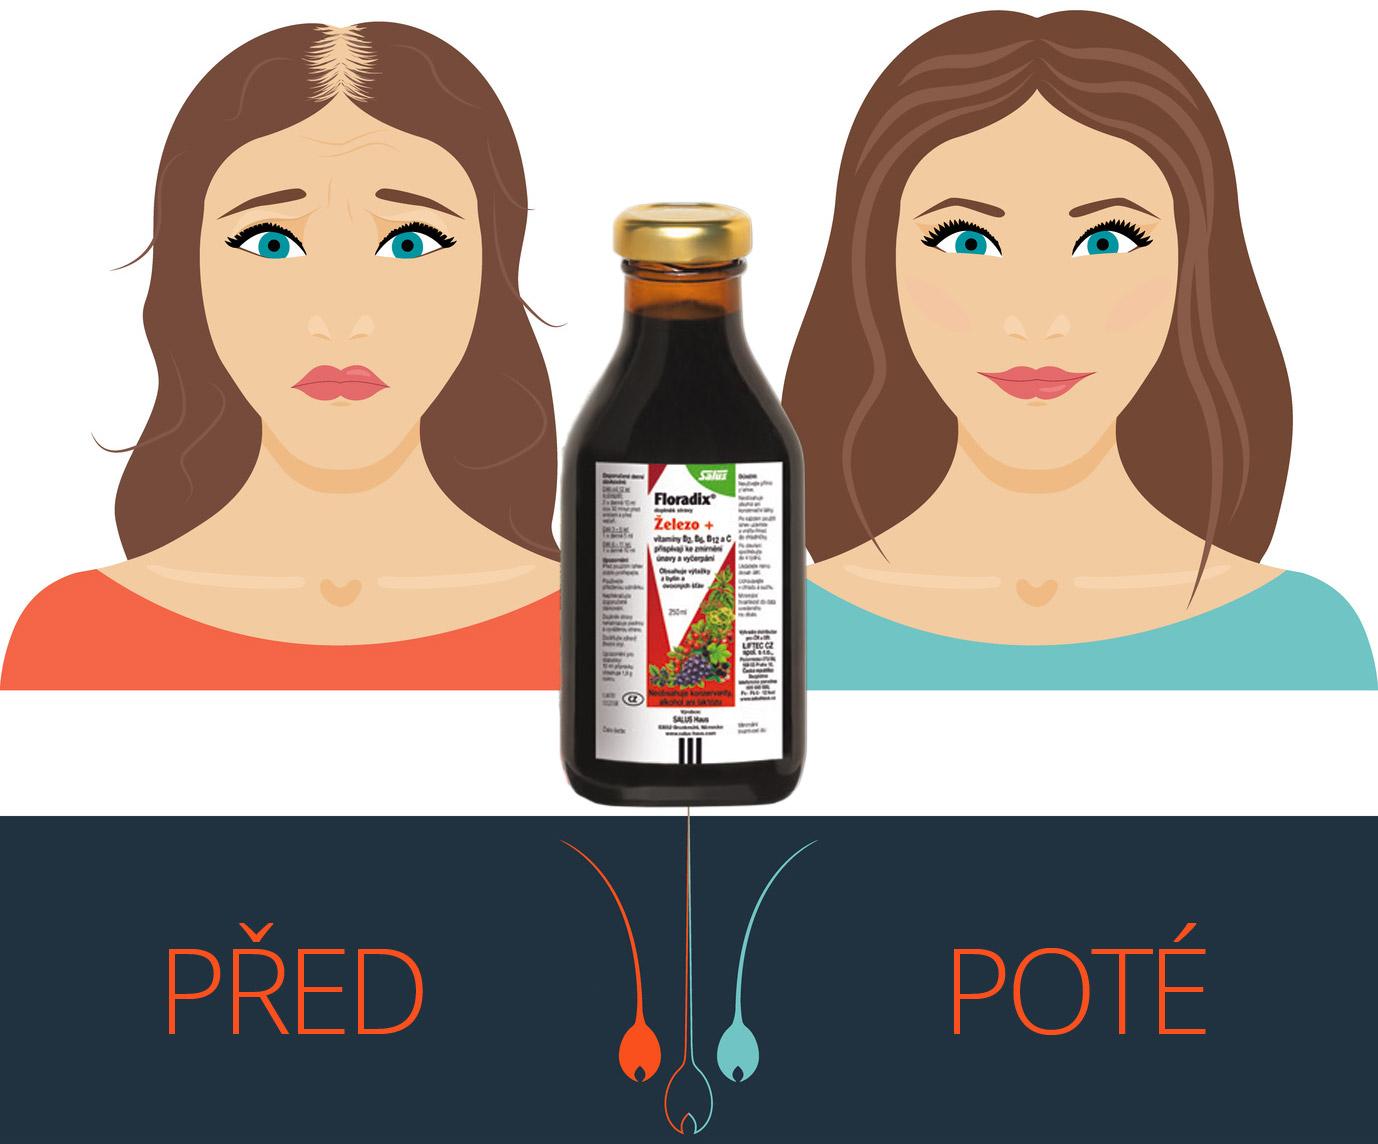 Nedostatek železa výrazně ovlivňuje kvalitu a množství našich vlasů. Může vést až k alopecii. Řešením je prevence. K potravinám bohatým na železo přidejte navíc doplněk stravy – tekuté železo Floradix.